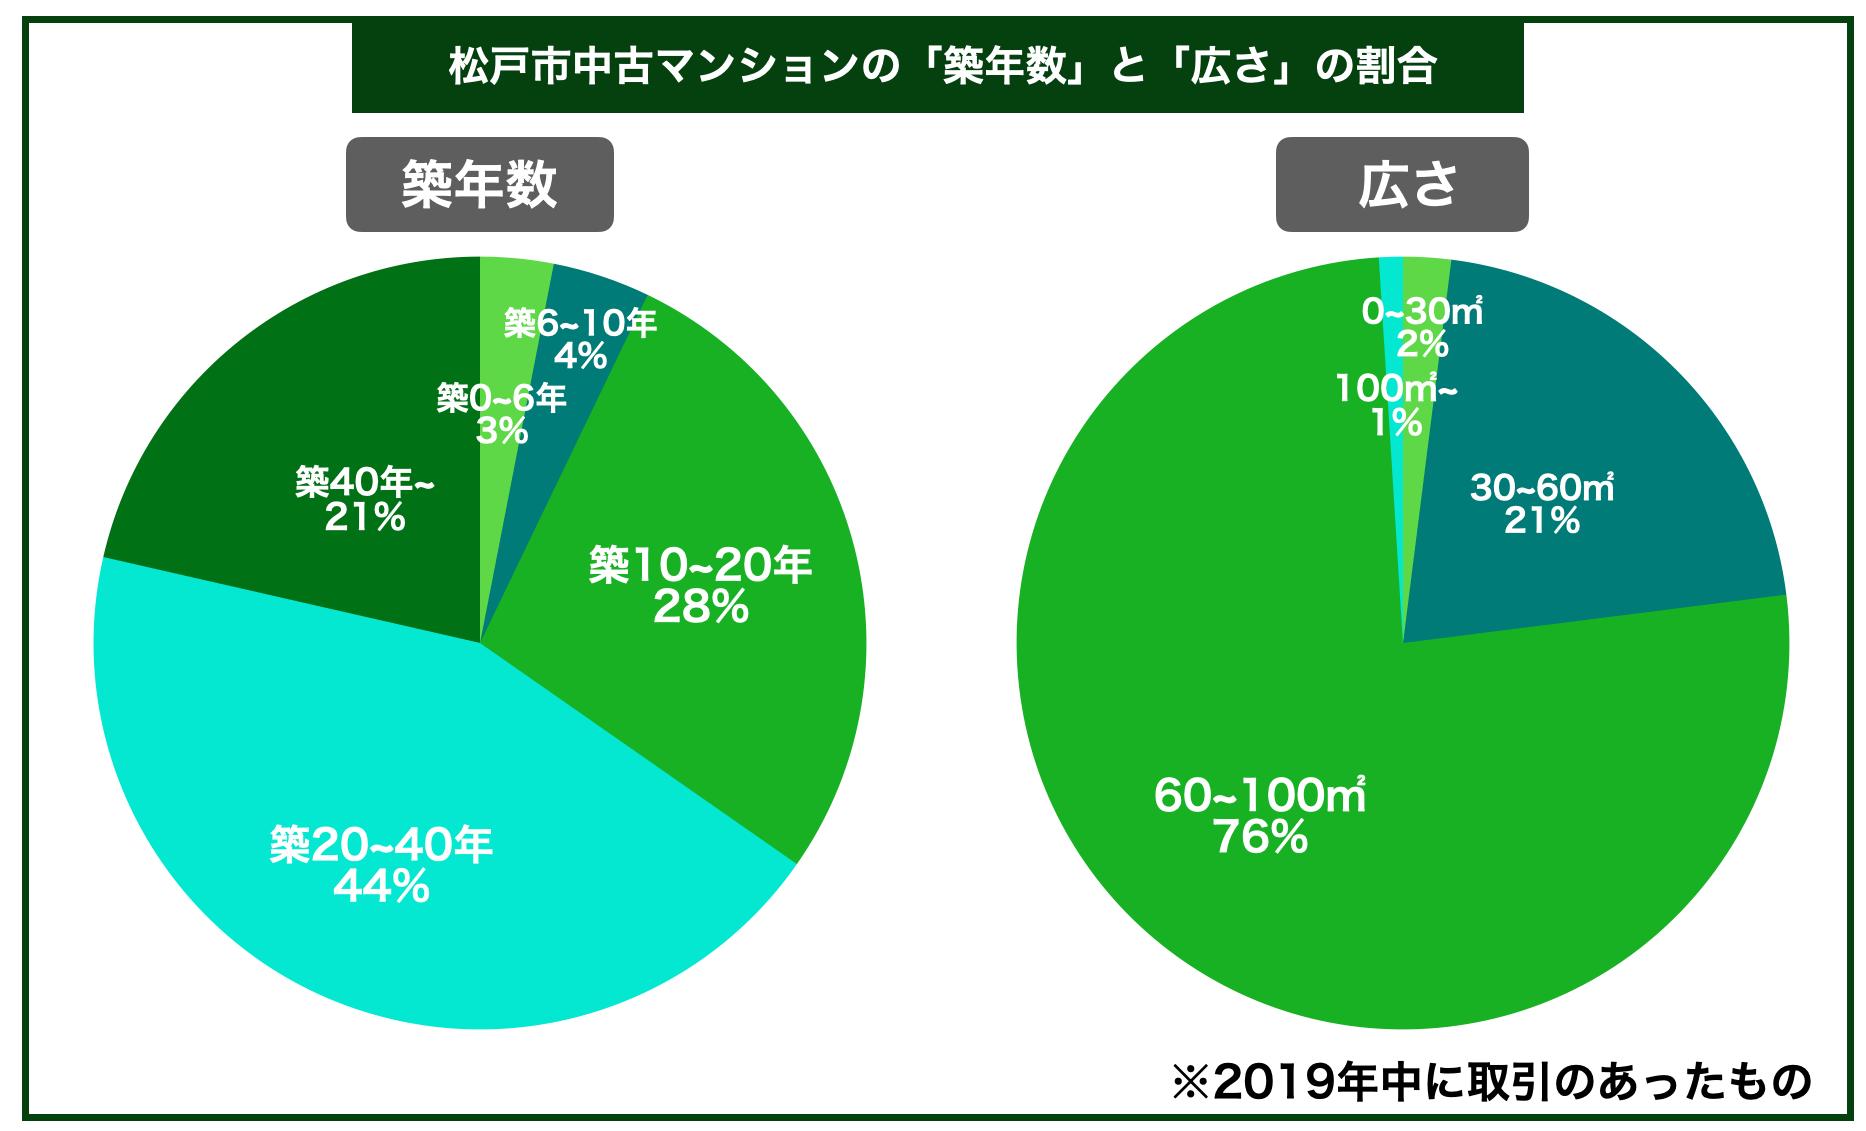 松戸市中古マンション築年数広さ割合